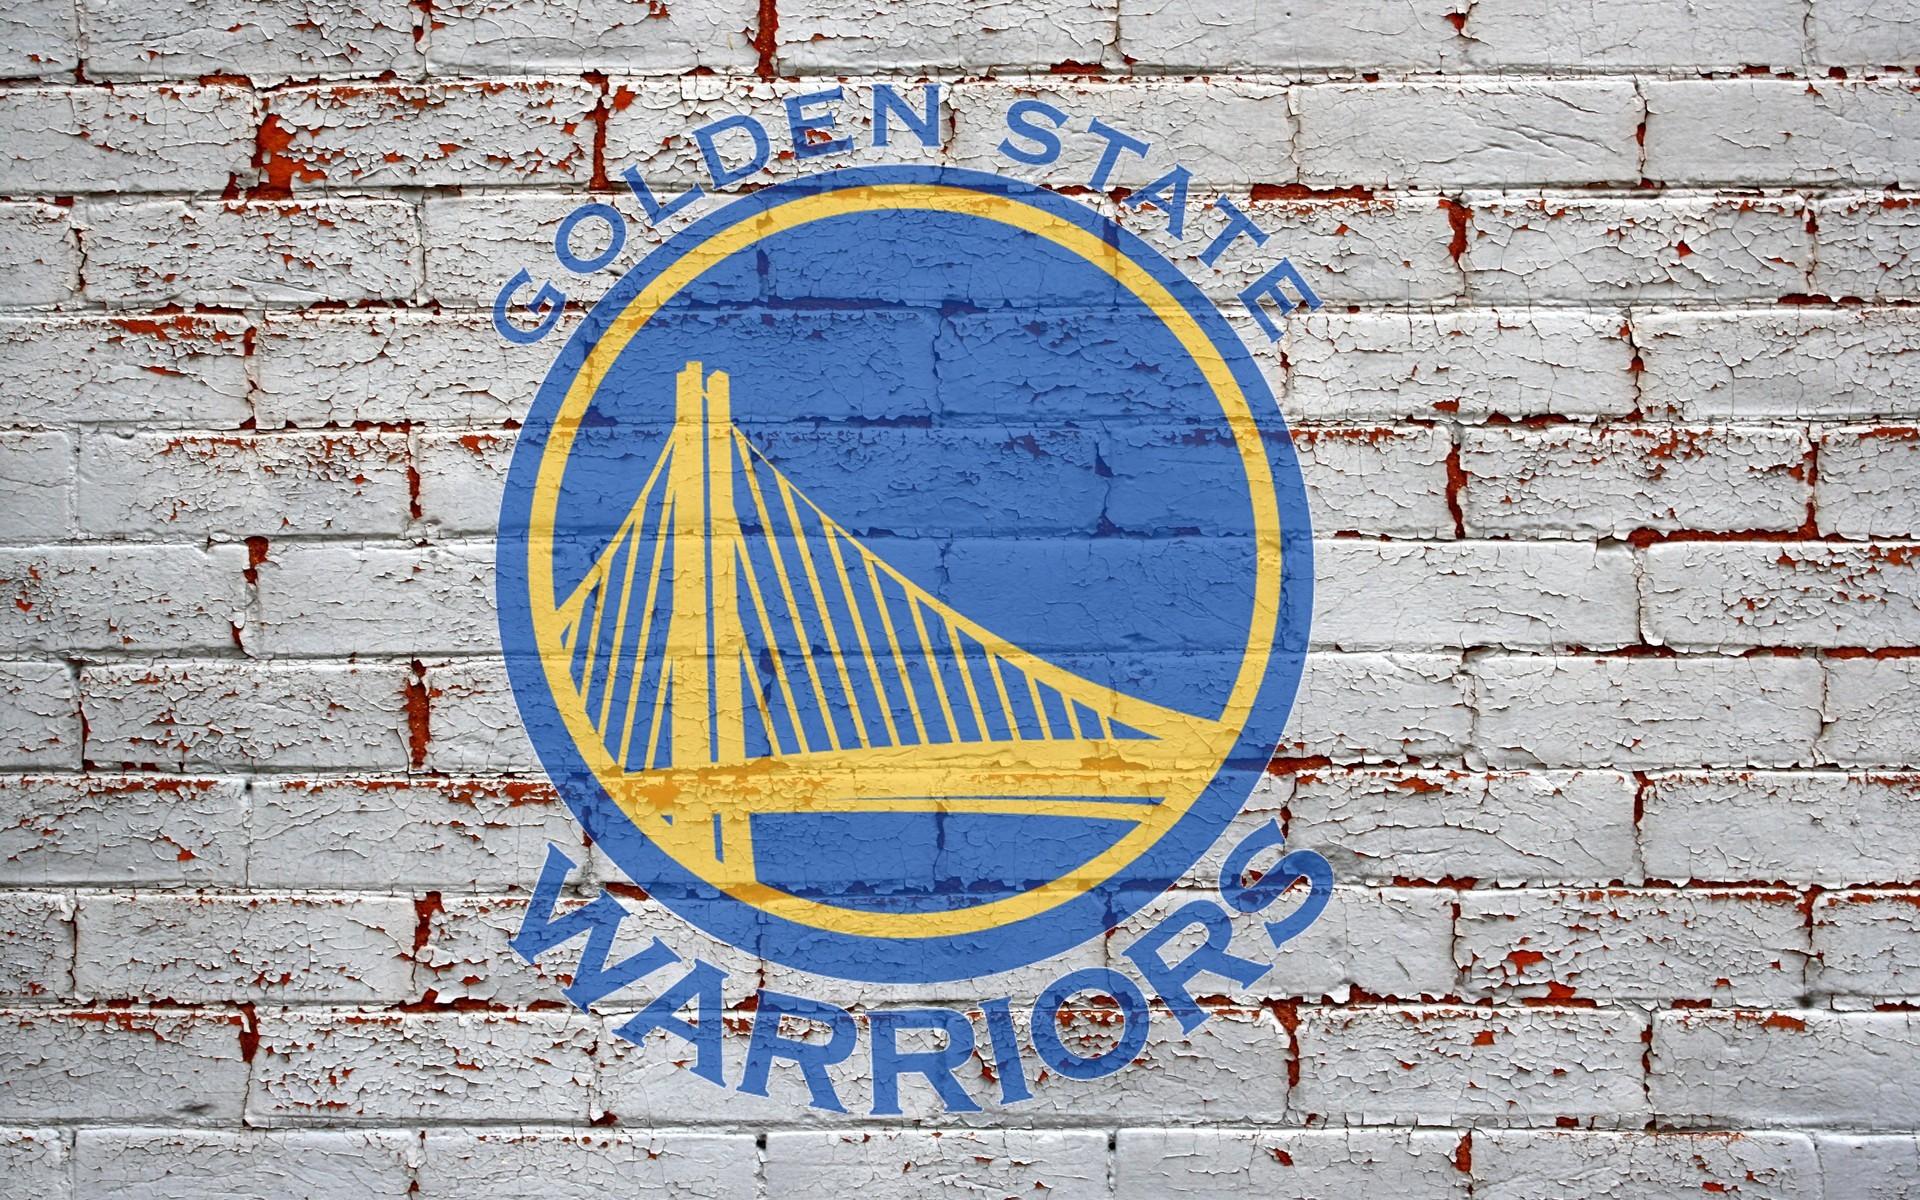 … GOLDEN STATE WARRIORS NBA basketball wallpapers.